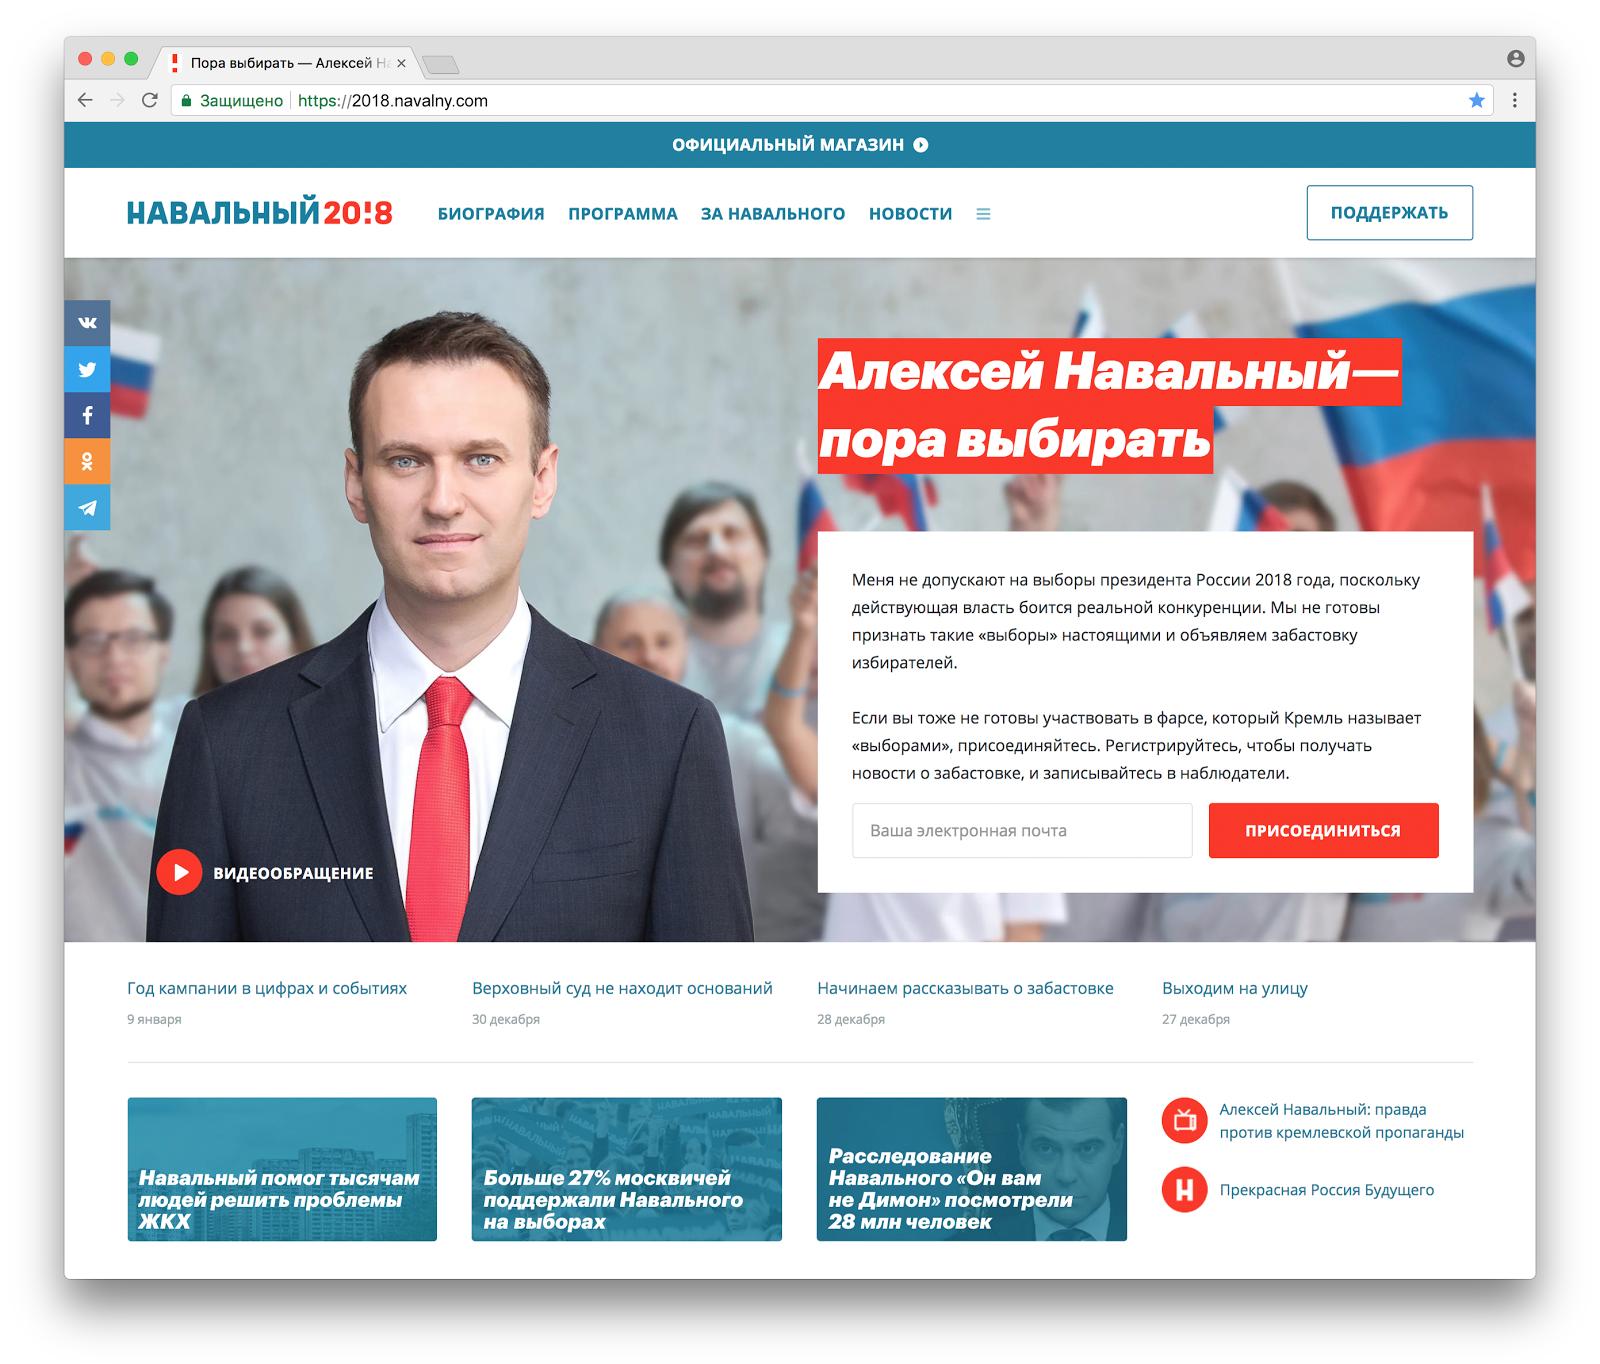 IT-инфраструктура штабов Навального и сбор подписей: подготовка к сбору, сайт «Навальный 20!8»